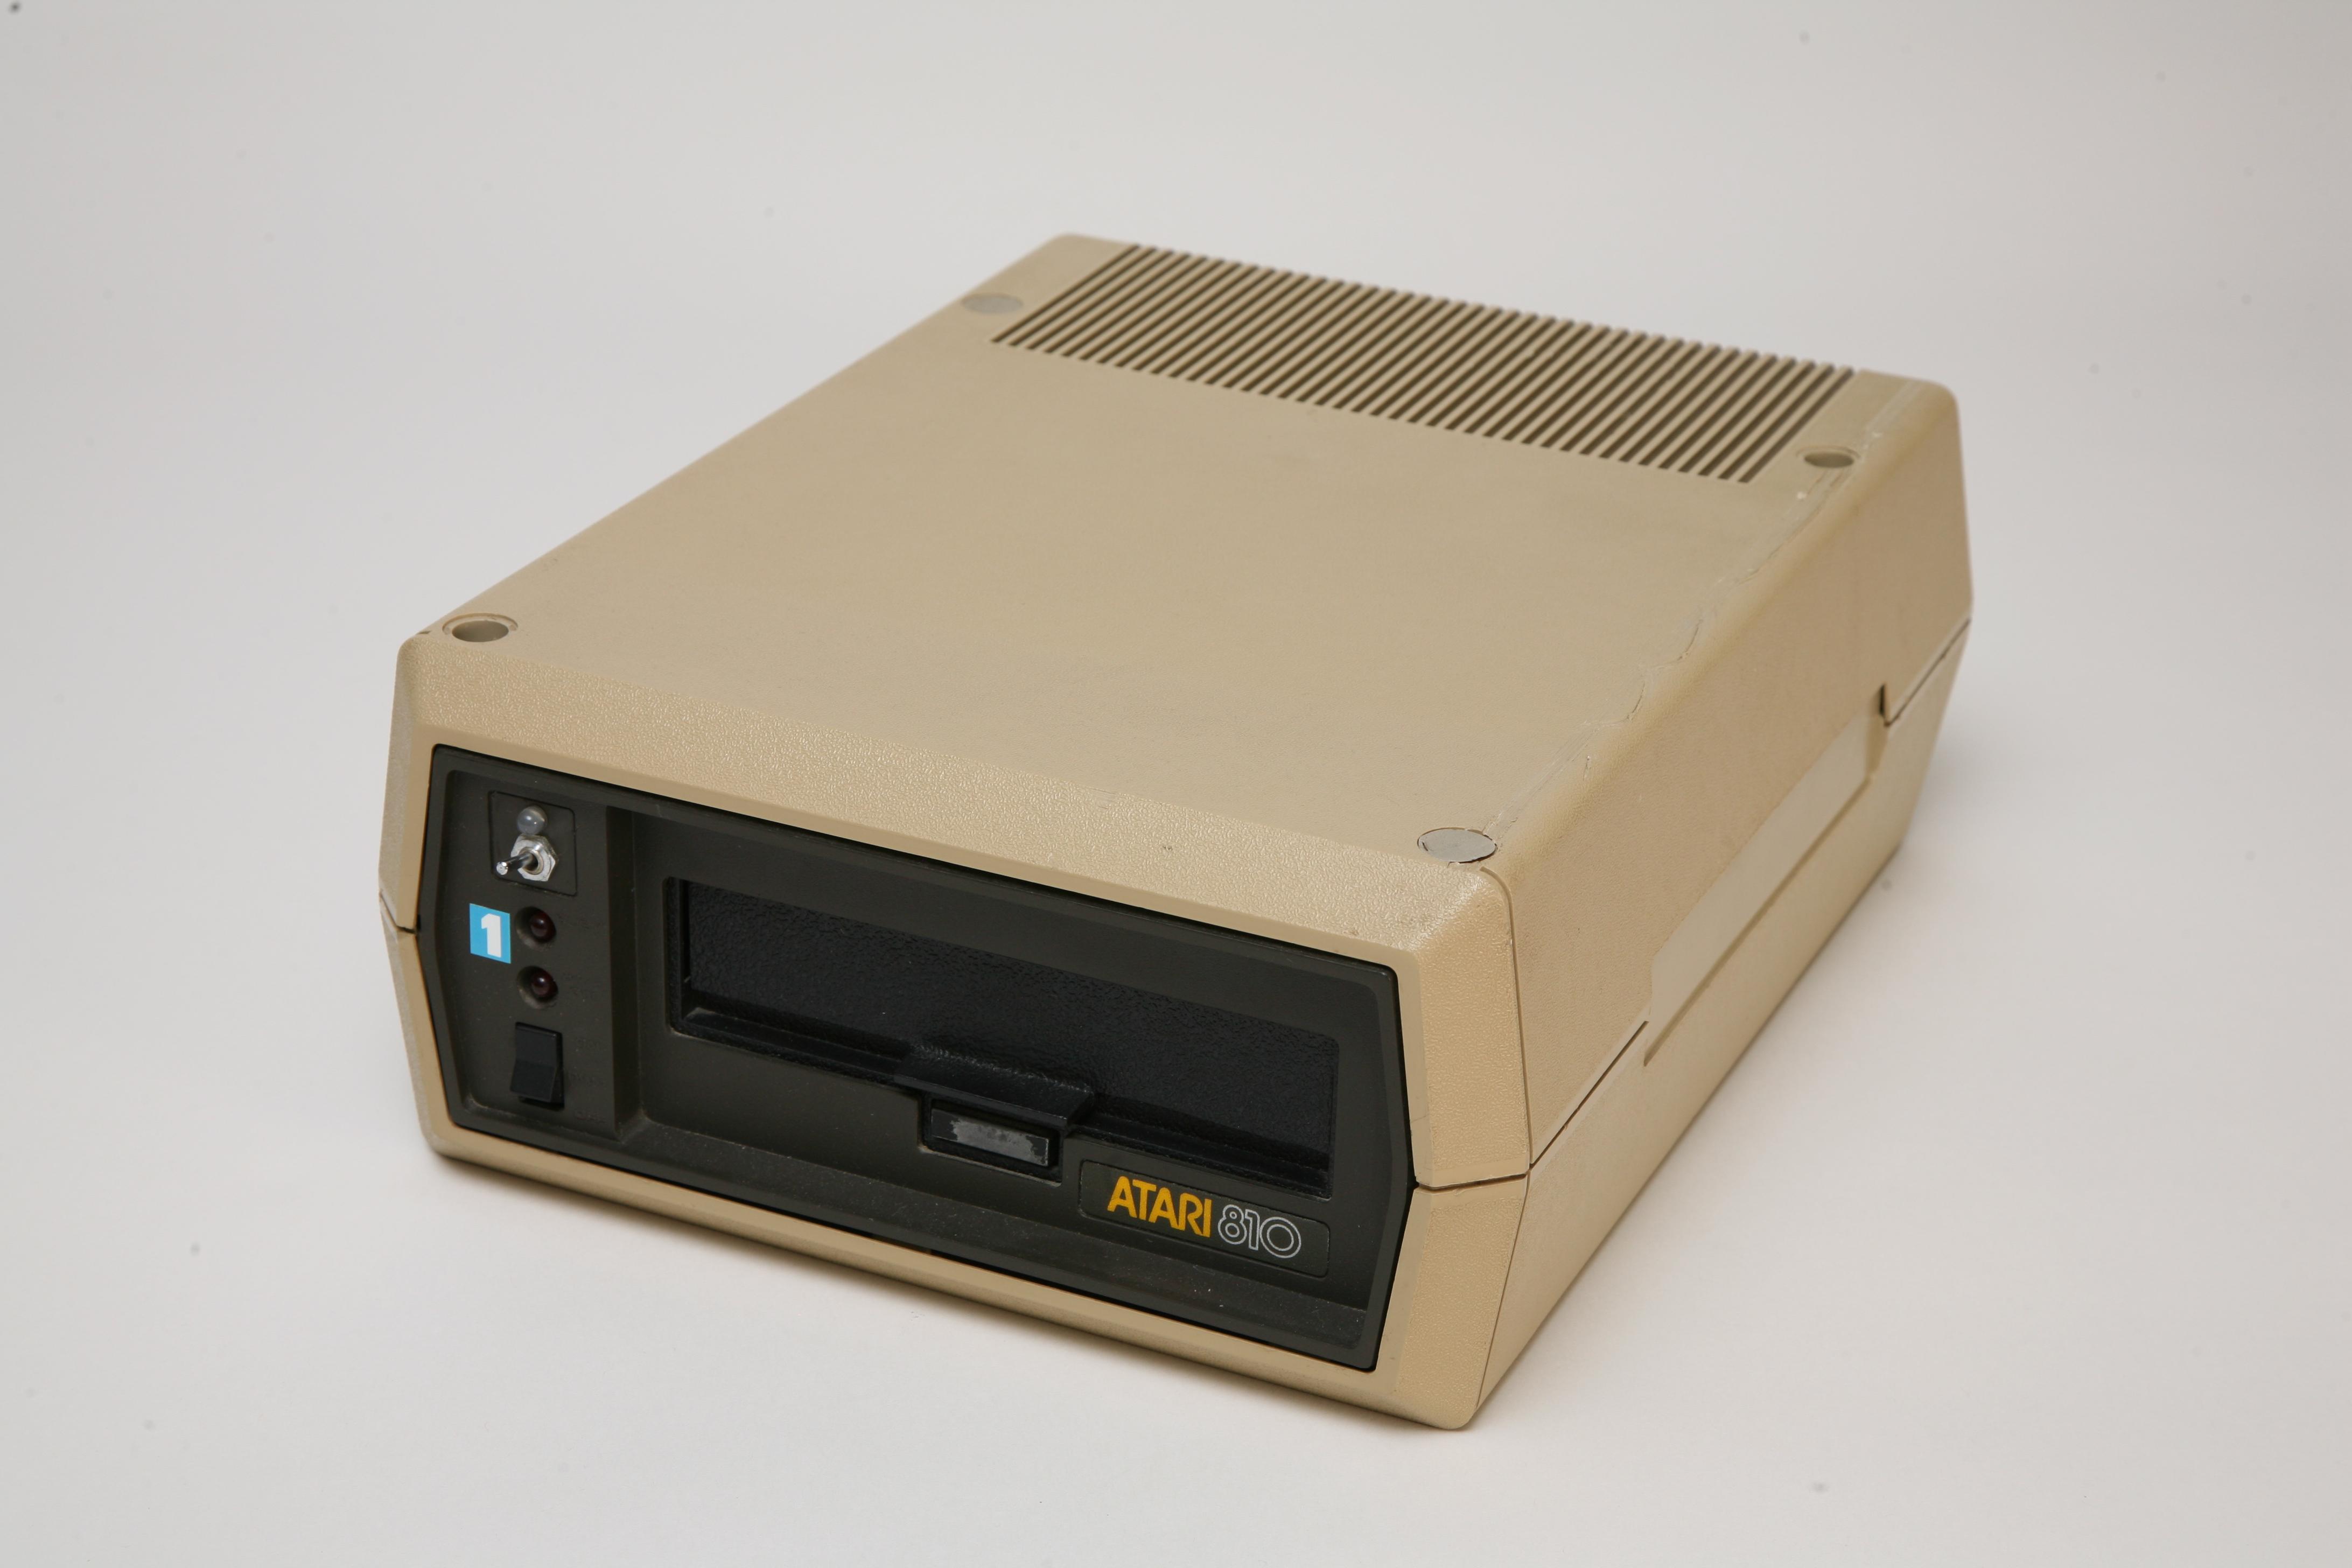 TCMI_Atari810_front